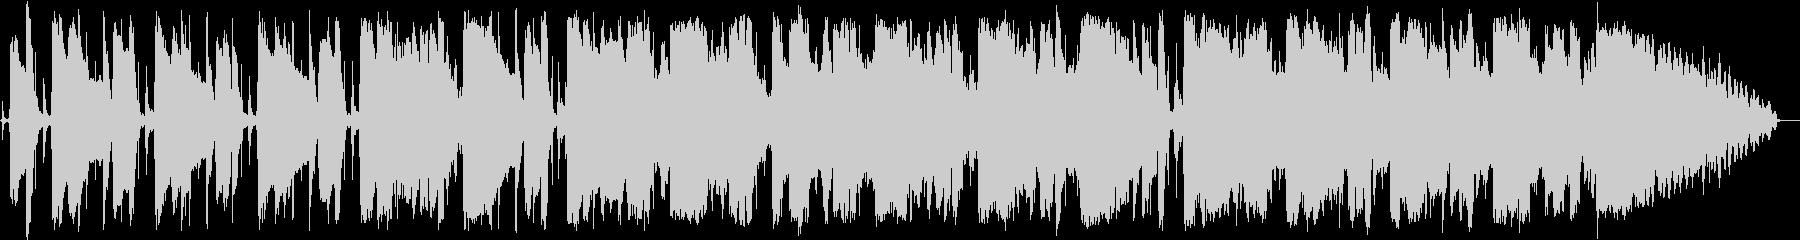 ロックブルースの短いインストの未再生の波形